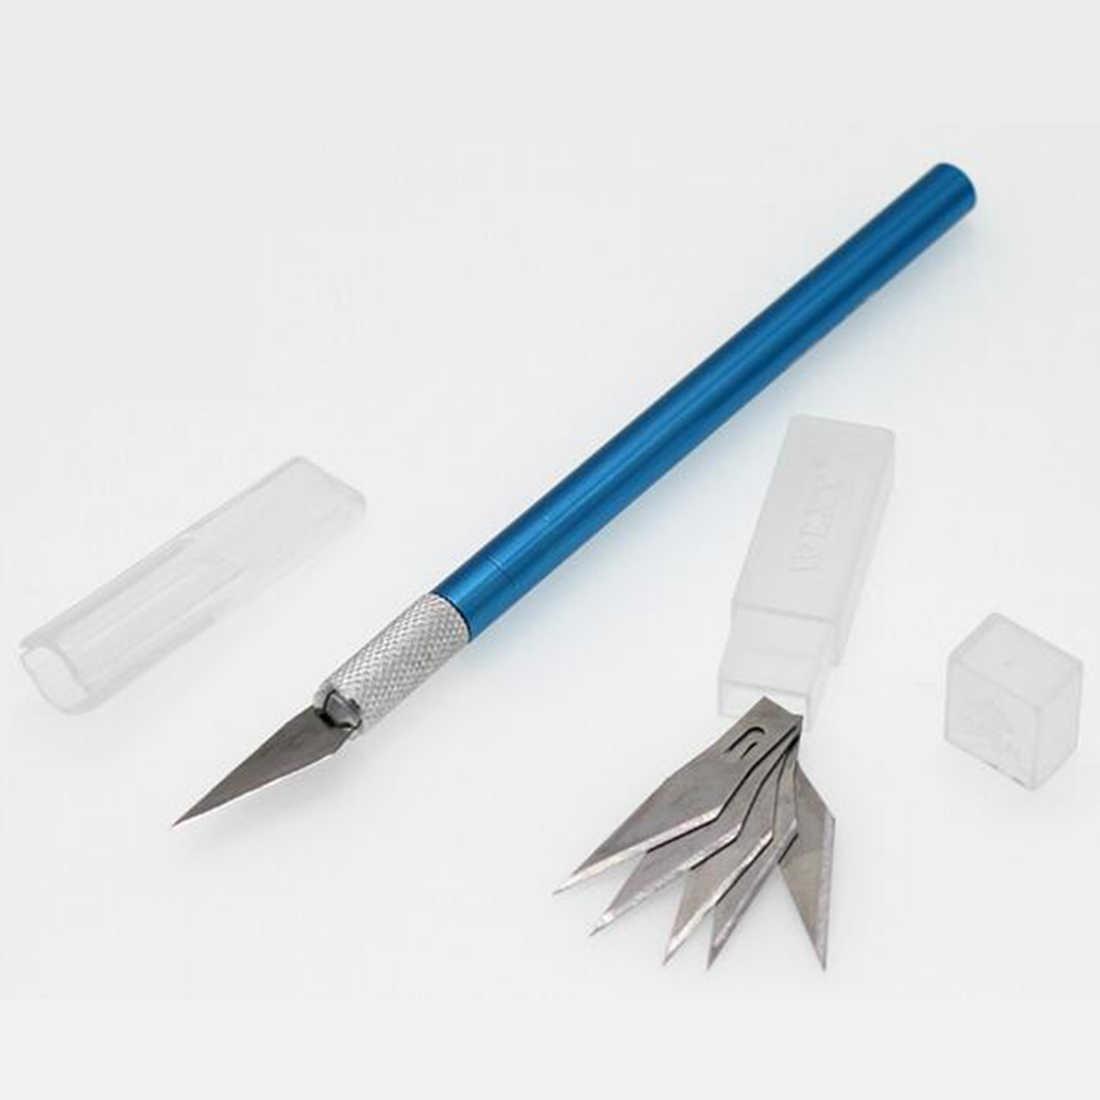 Нескользящий металлический скальпель нож набор инструментов Резак гравировка ремесло ножи + 6 шт. лезвия мобильный телефон PCB DIY ремонт ручные инструменты